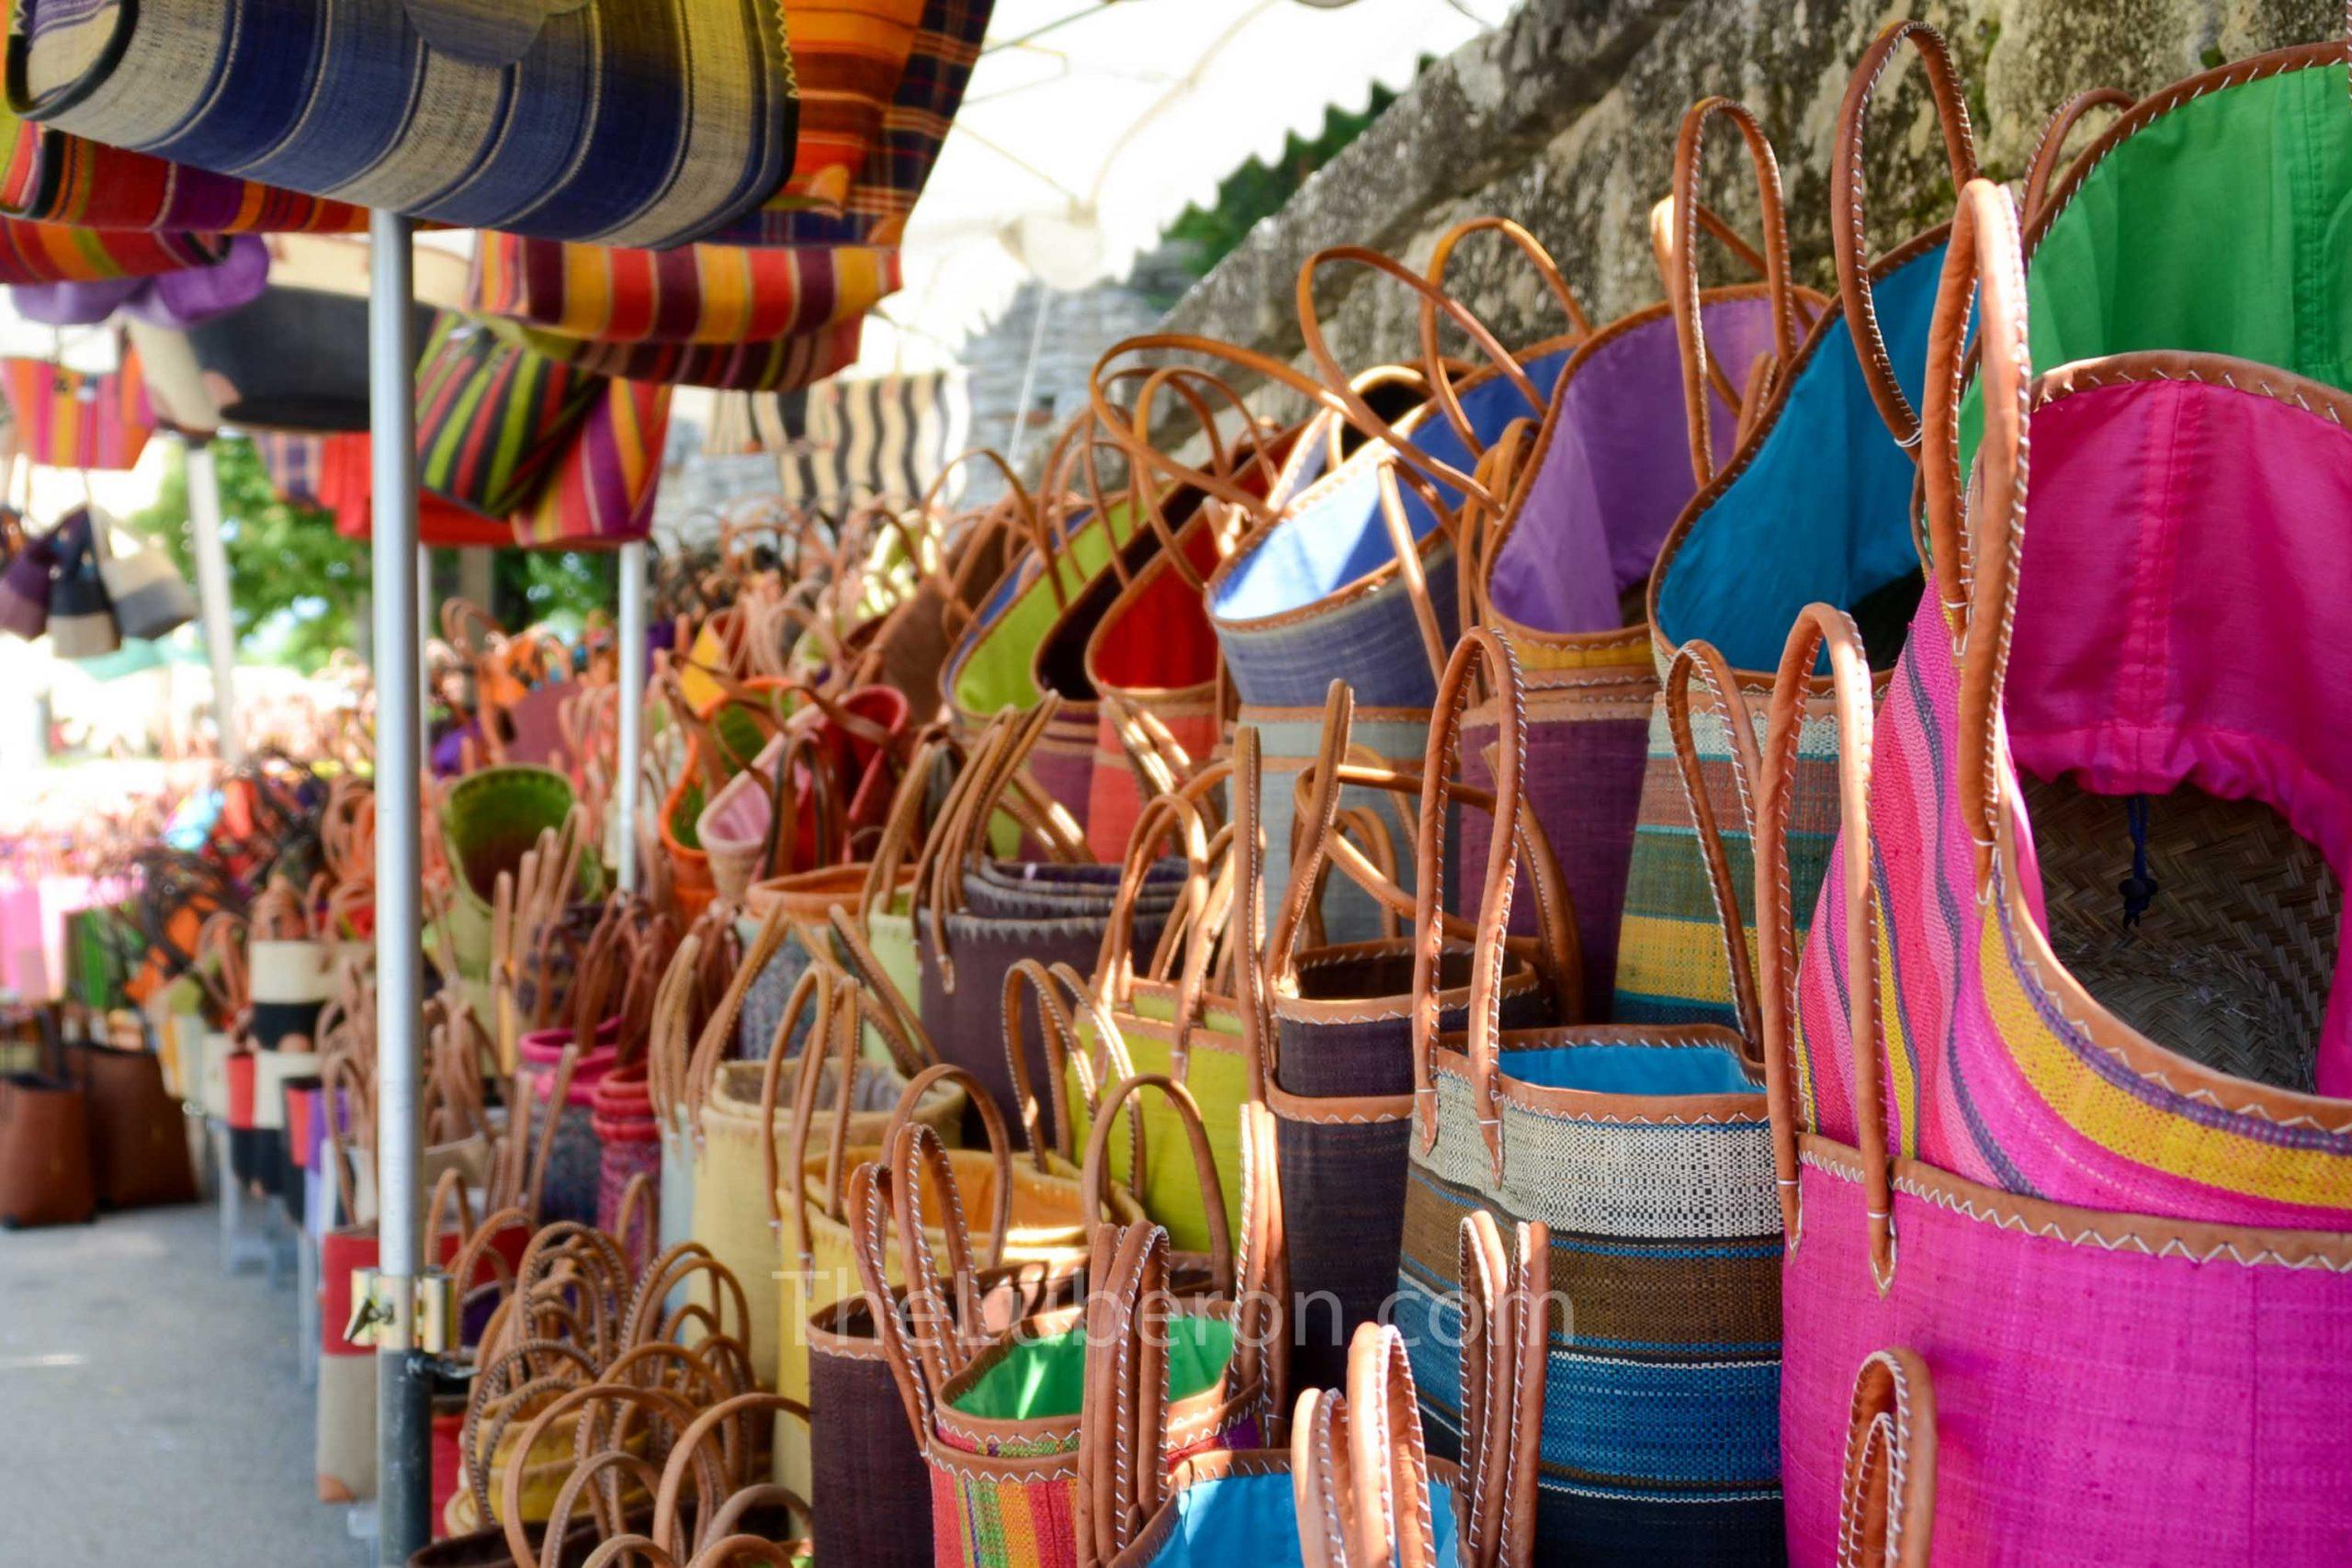 Bags for sale at Bonnieux market